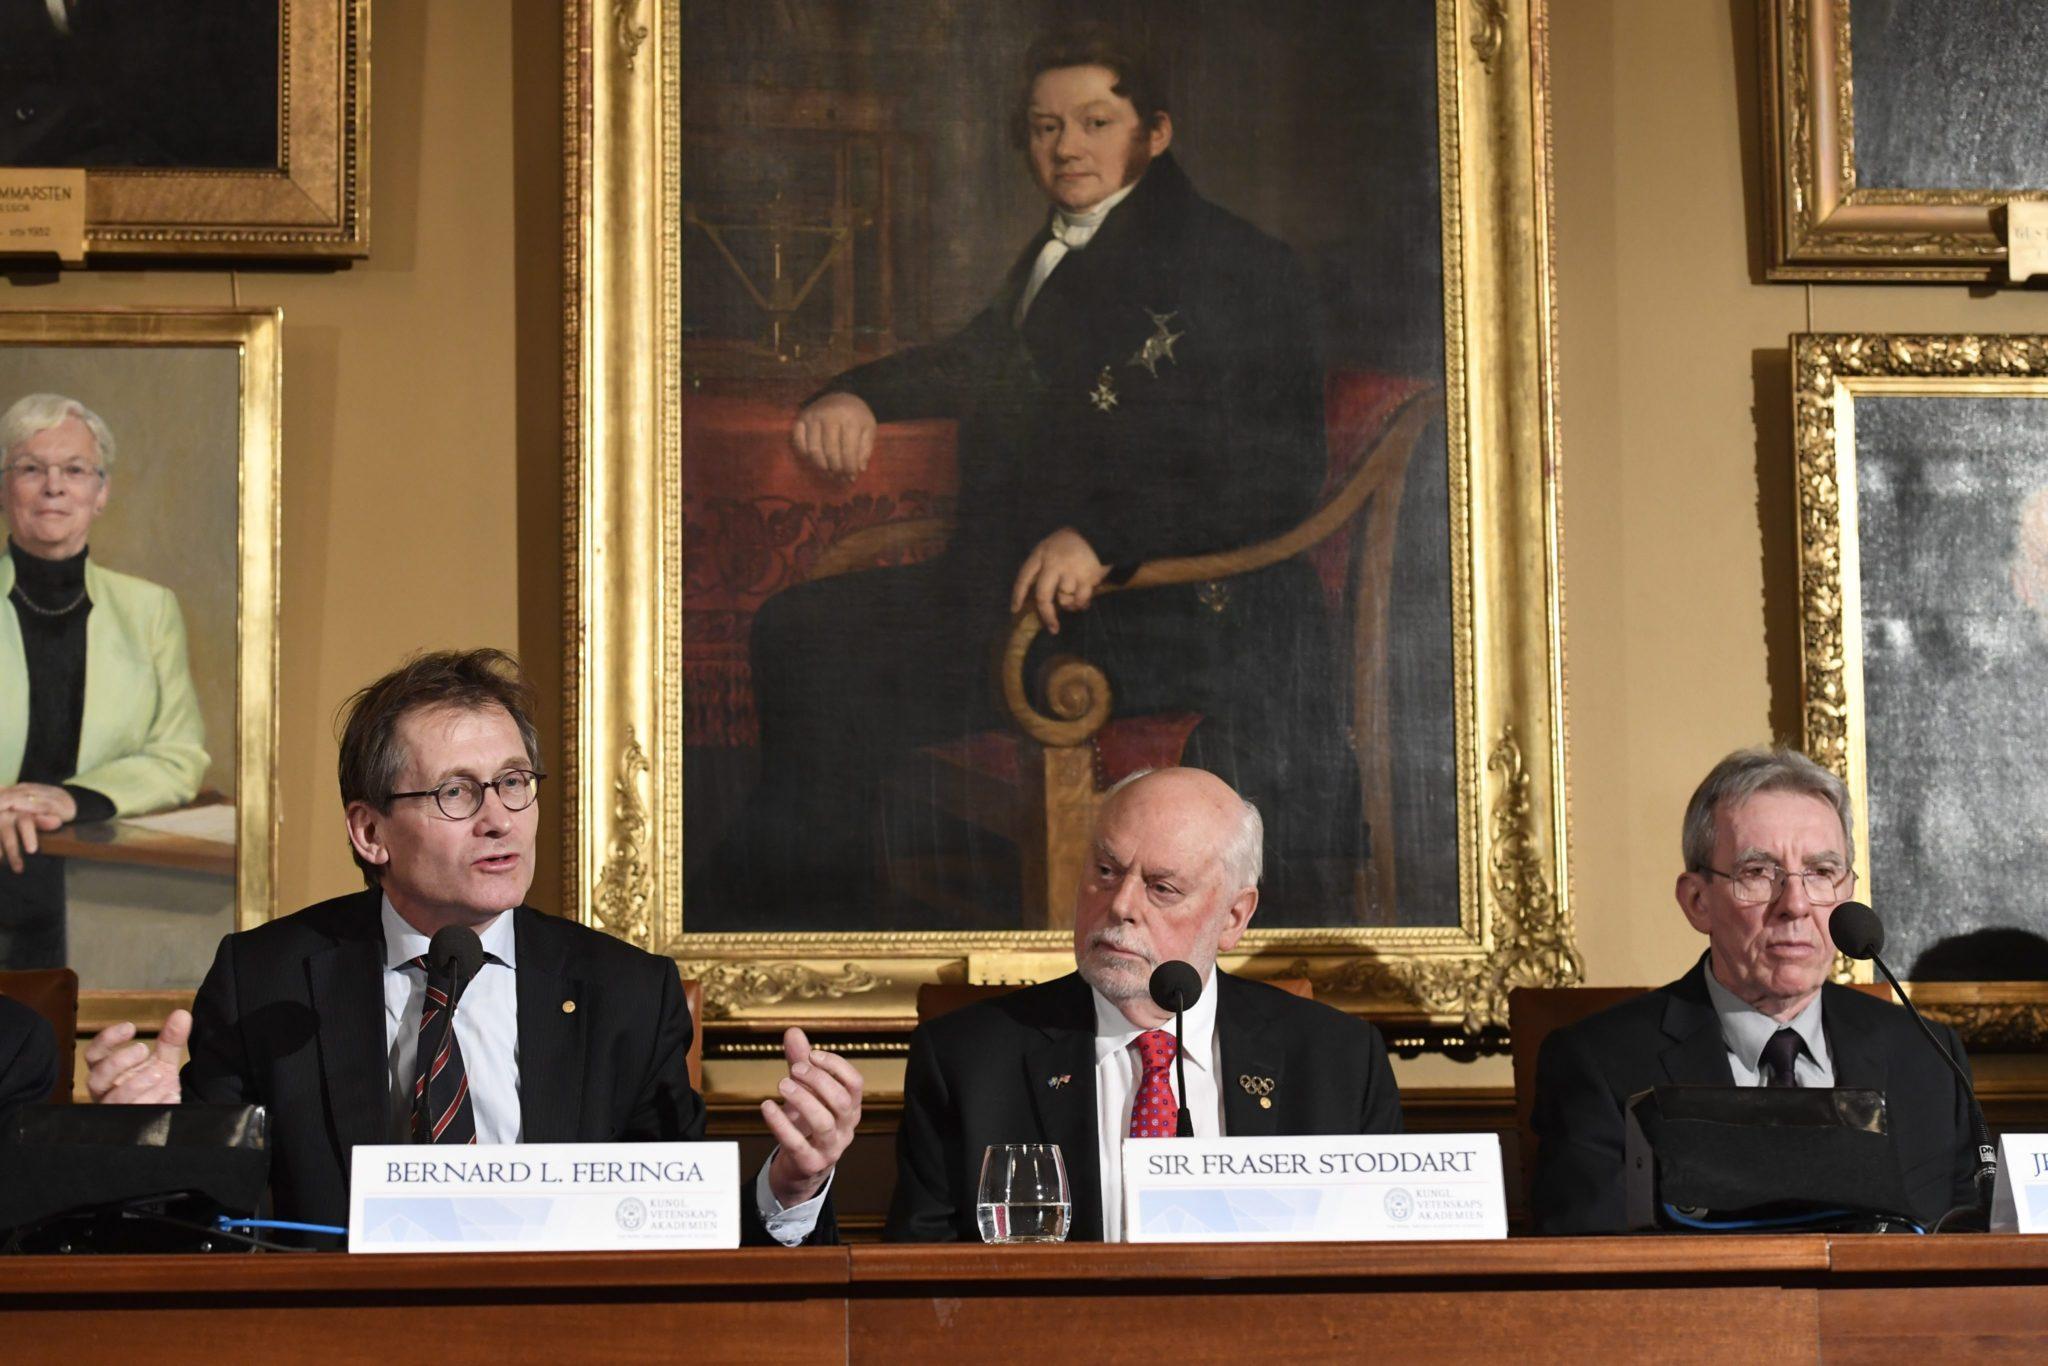 Szwecja: konferencja laureatów nagrody Nobla w Sztokholmie (foto. PAP/EPA/HENRIK MONTGOMERY)